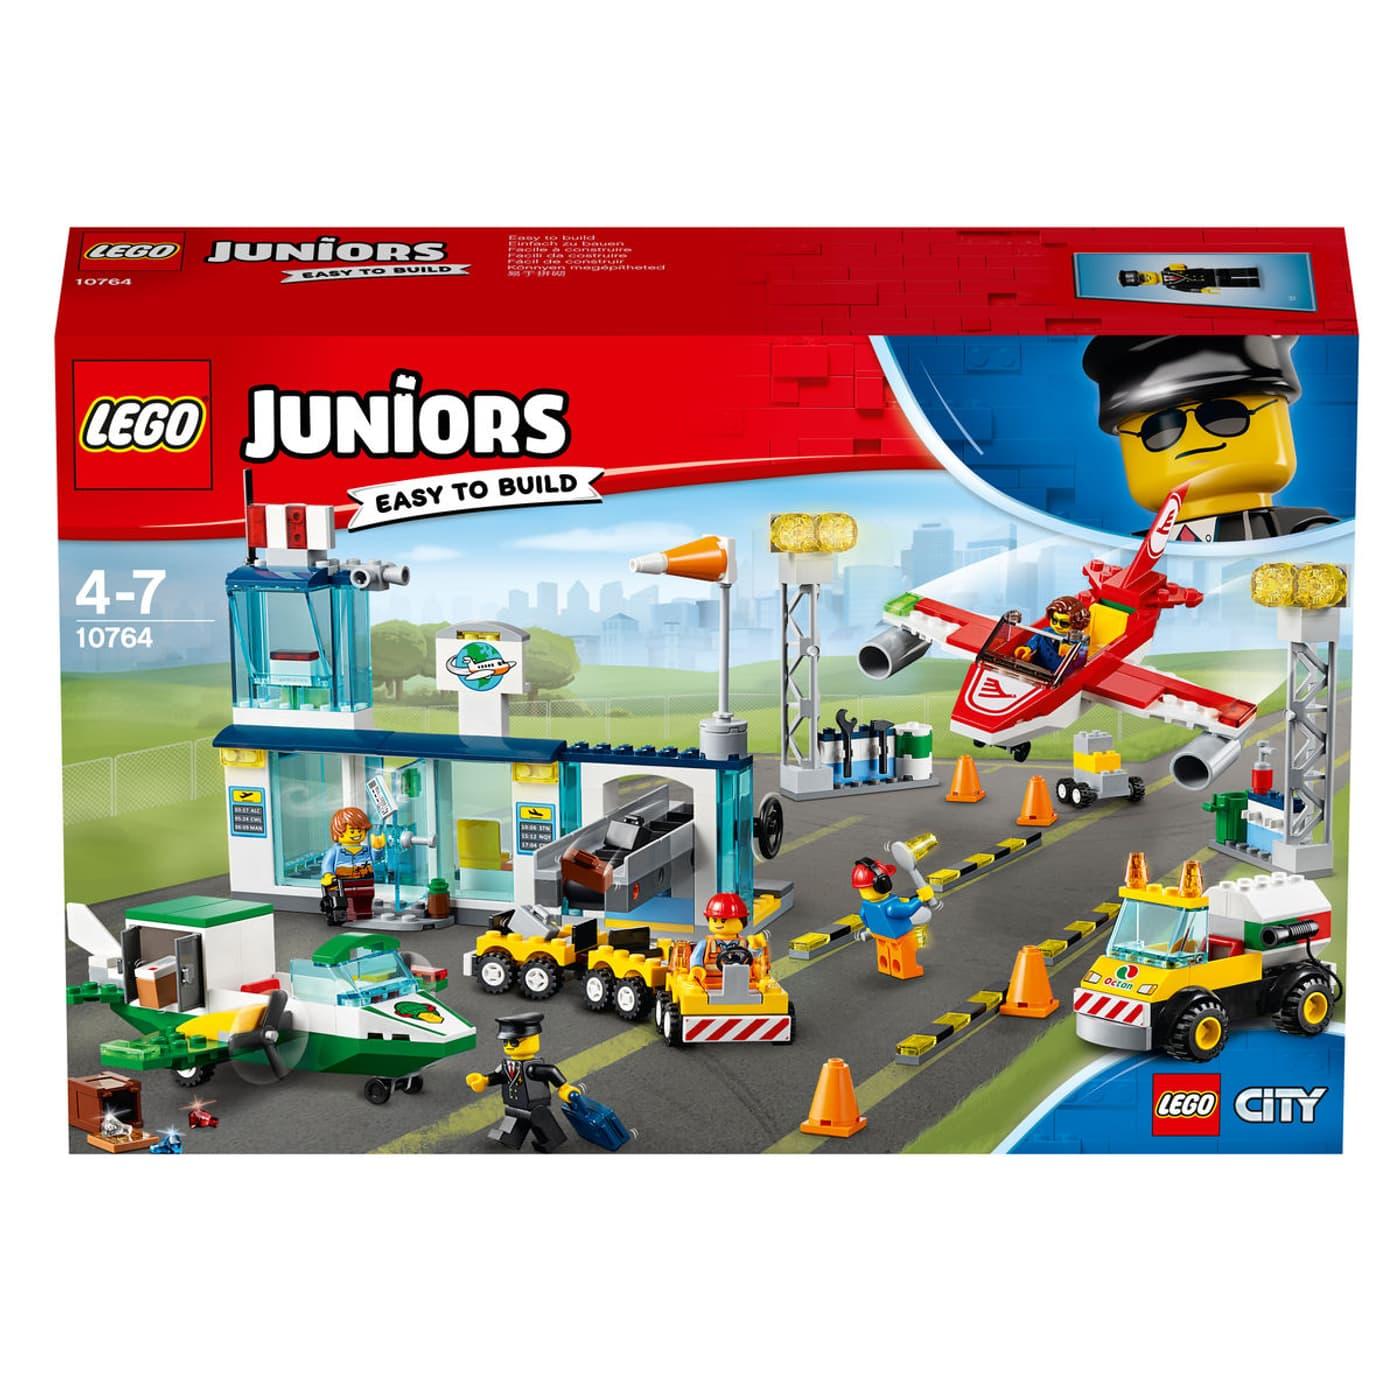 Aeroporto Lego : Lego juniors aeroporto di città migros